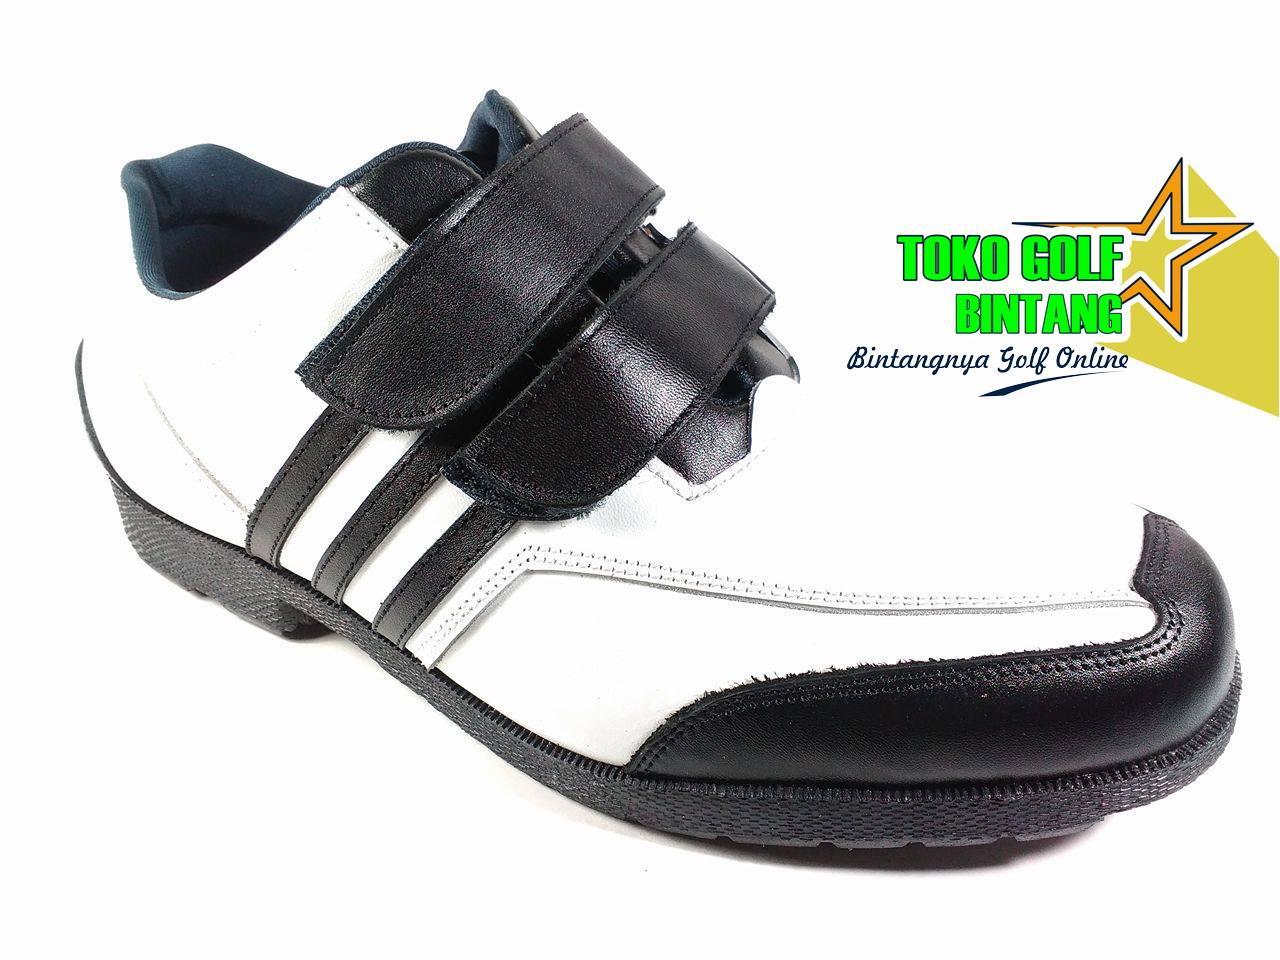 Sepatu Golf BIGSTOFLE adalah sepatu golf produksi lokal Indonesia 2. Sepatu  Golf Bigstofle adalah sepatu original handmade yang dikerjakan pengrajin  lokal ... e99b3a2060